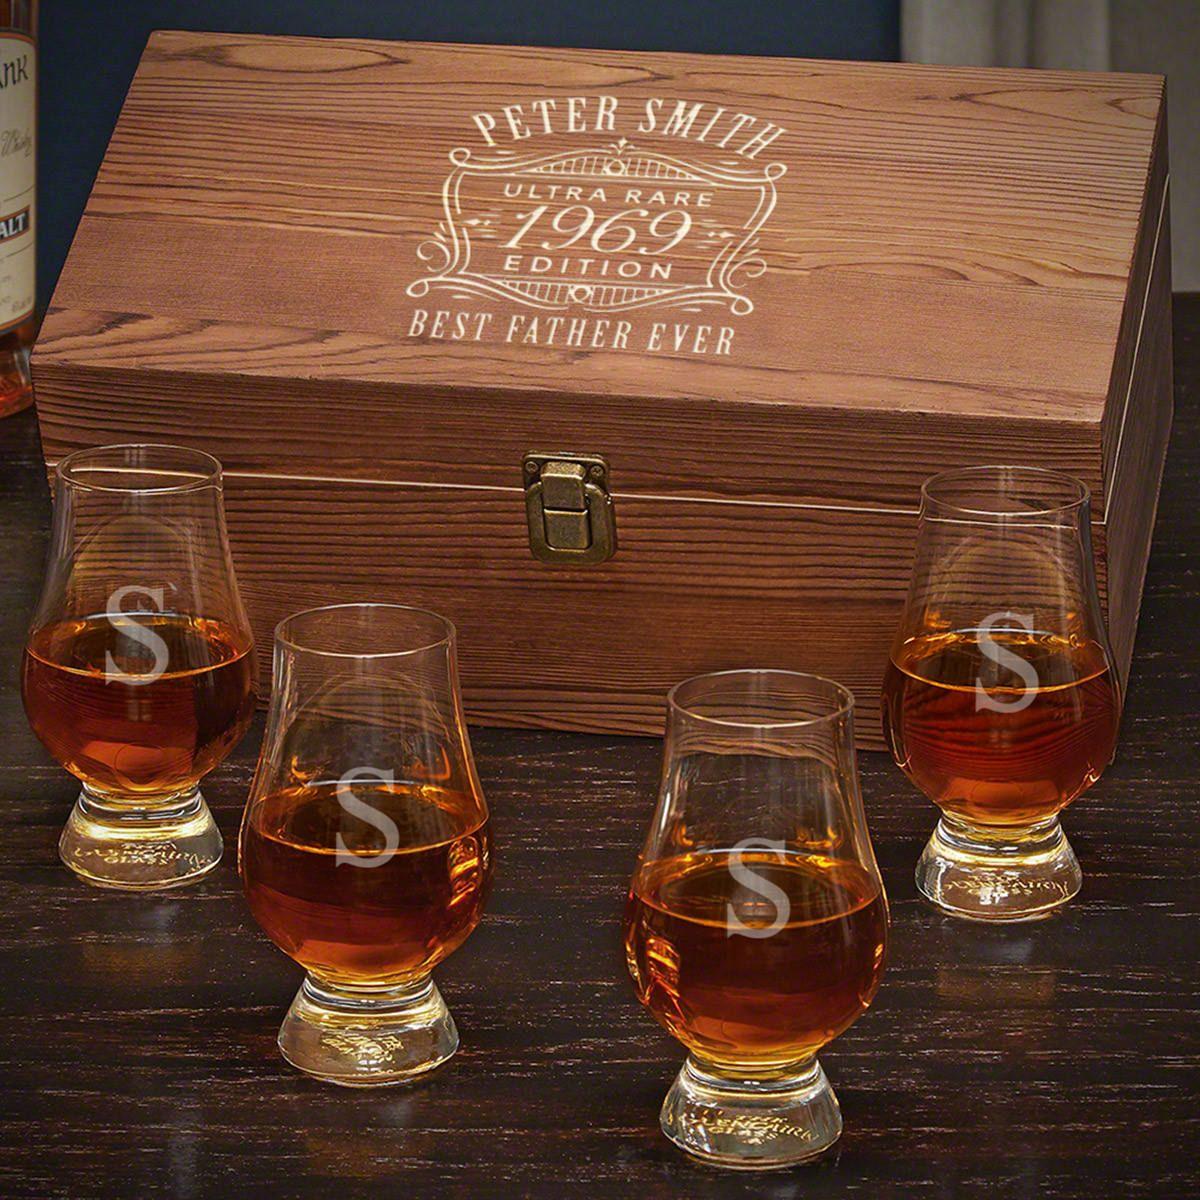 Ultra Rare Edition Engraved Glencairn Whiskey Glass Set